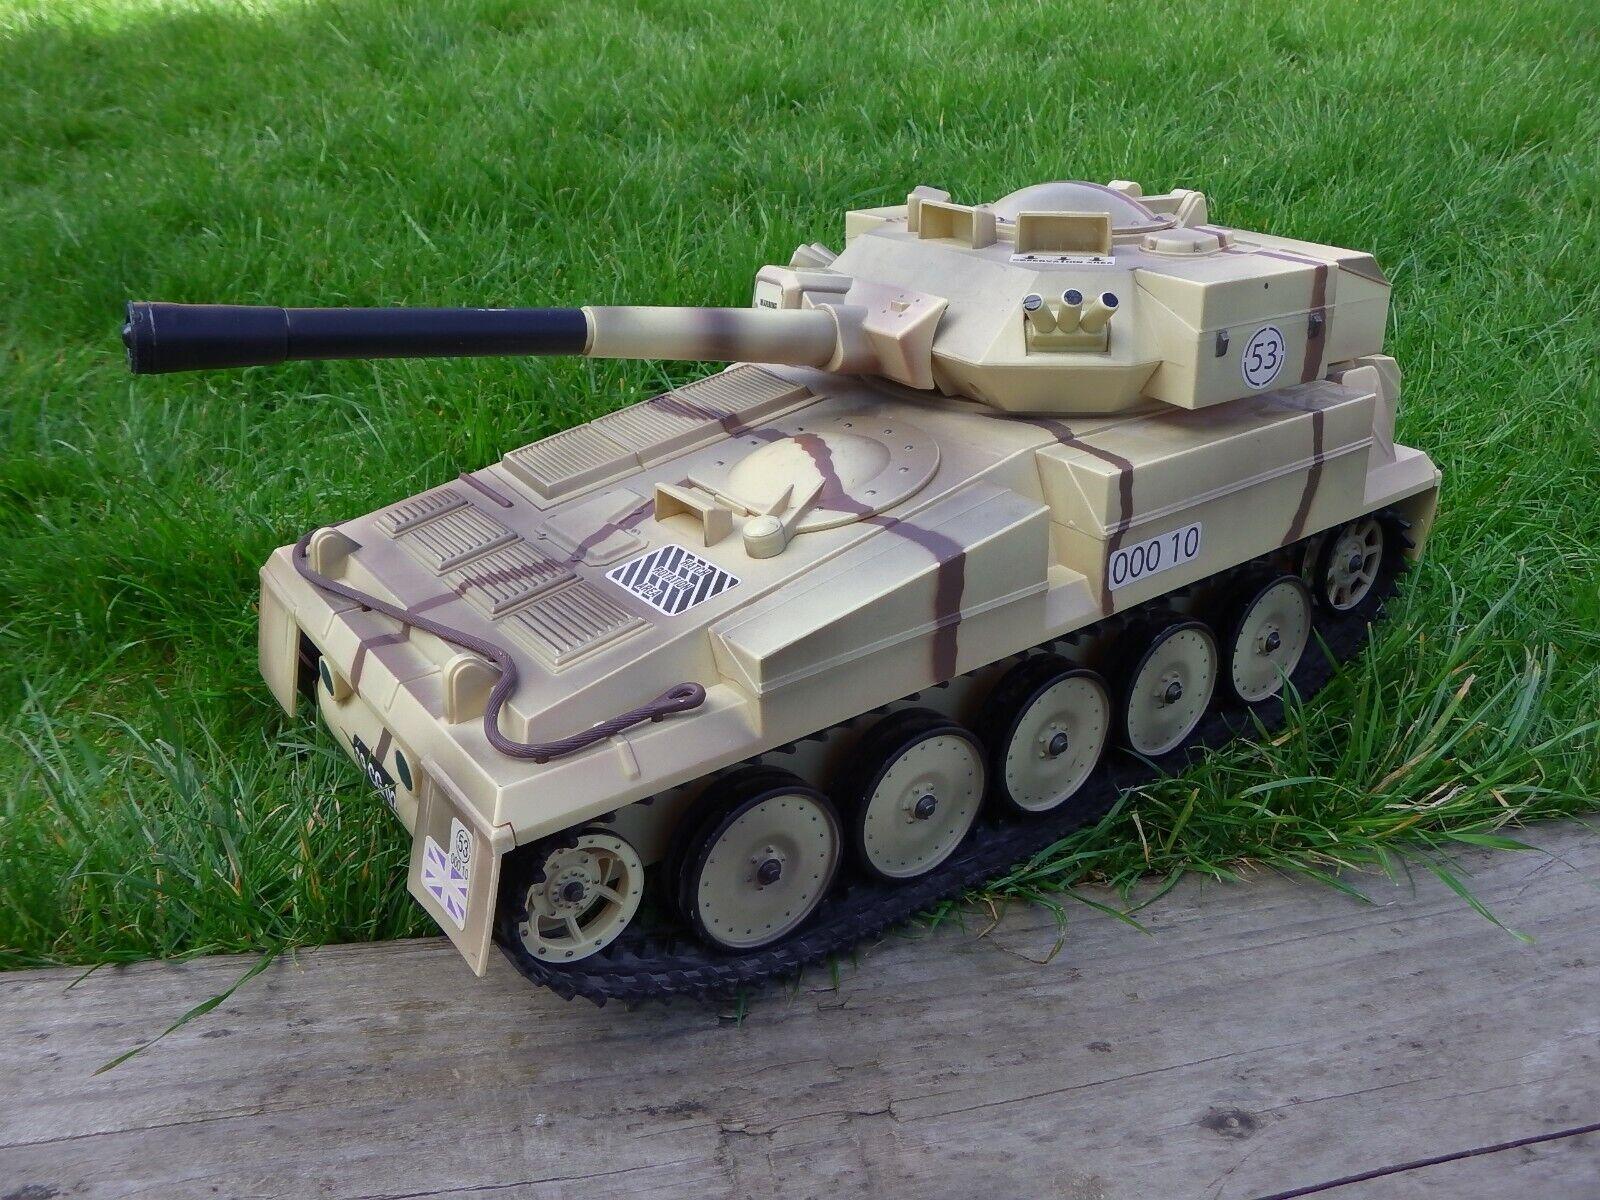 ANNATA 2008 HM FORZE ARMATE GRANDE GRANDE GRANDE veloce inseguimento Battle Tank Militare Veicolo Giocattolo d17777